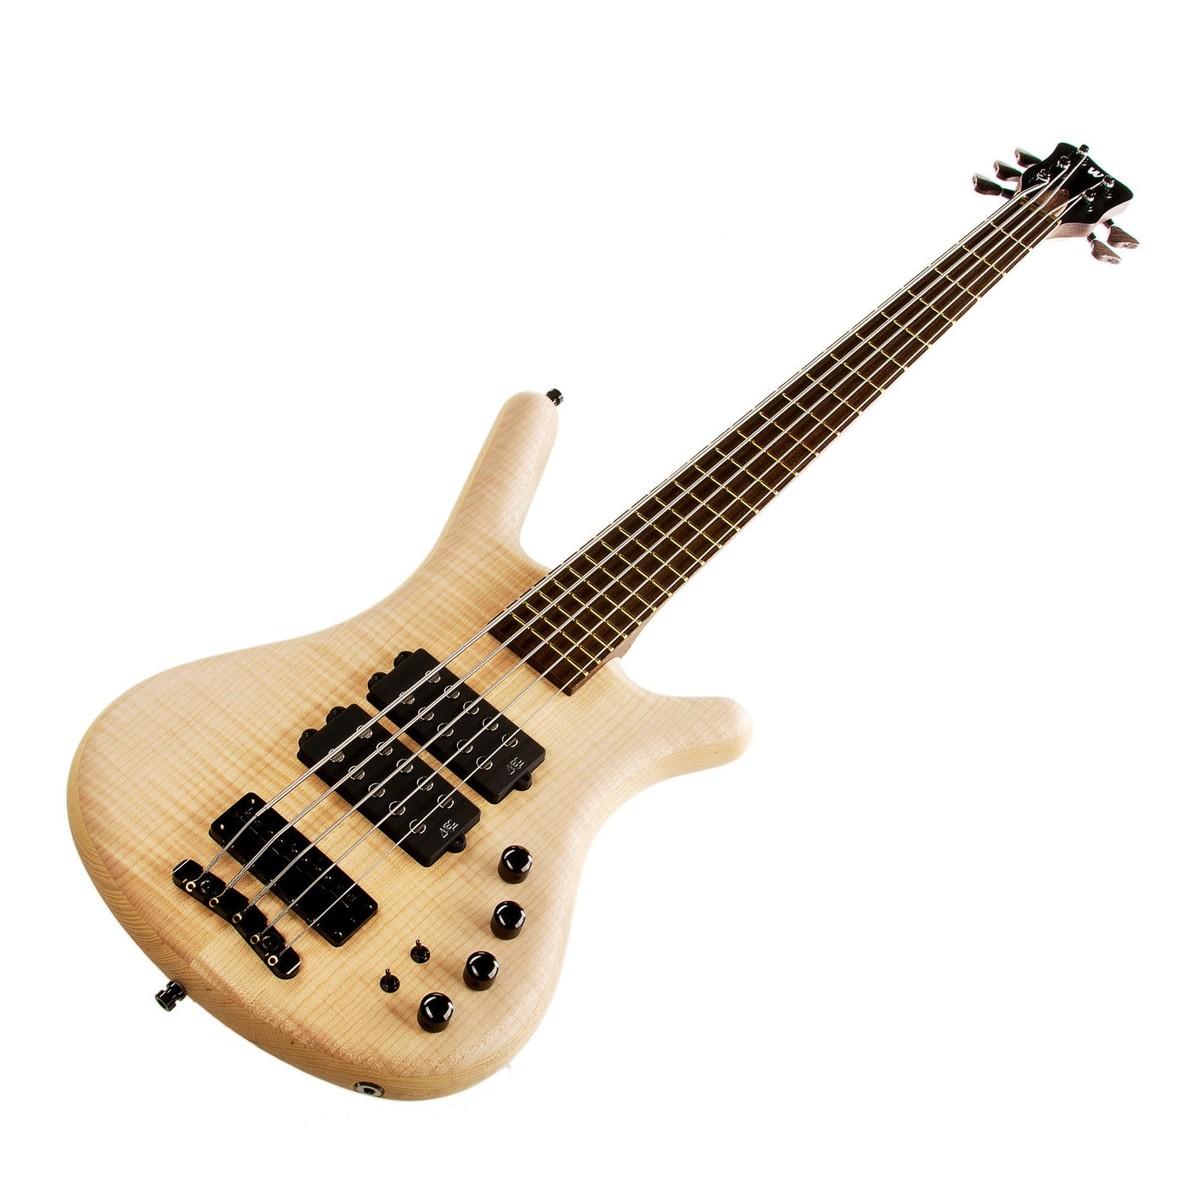 warwick corvette 4 string bass guitar natural at. Black Bedroom Furniture Sets. Home Design Ideas